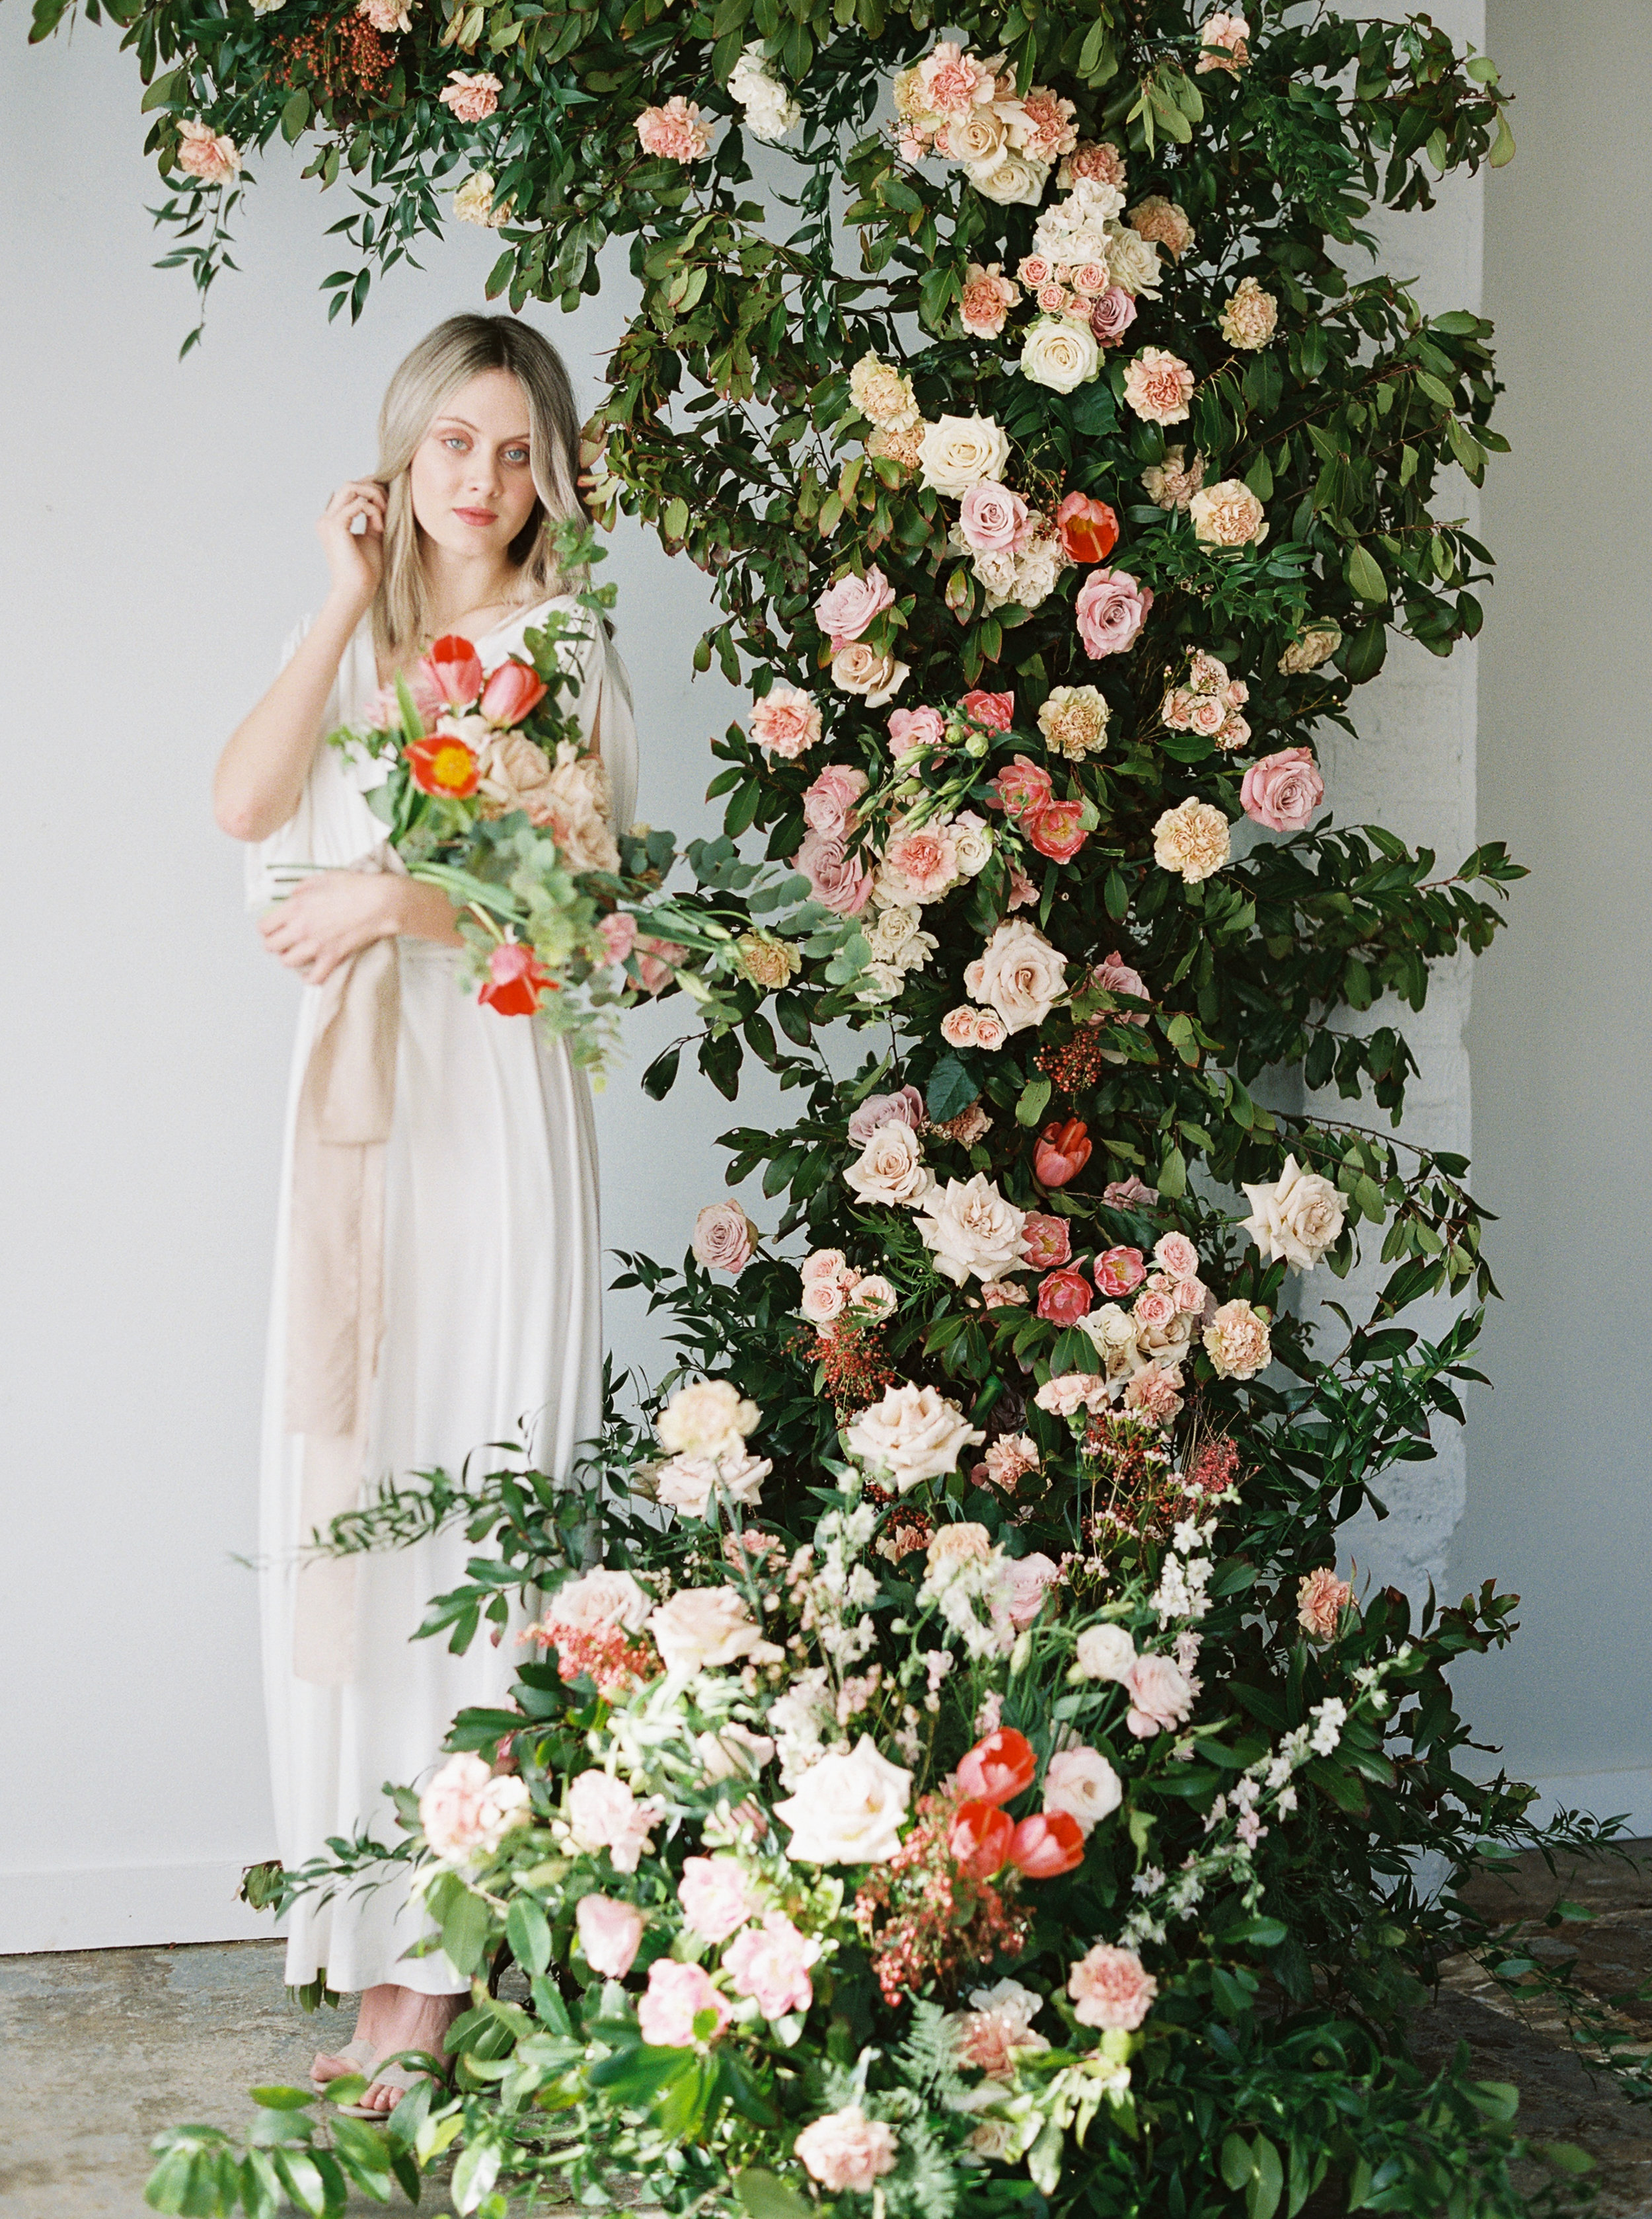 spring_flowers_tulips_pink_floridesigns (12 of 18).jpg